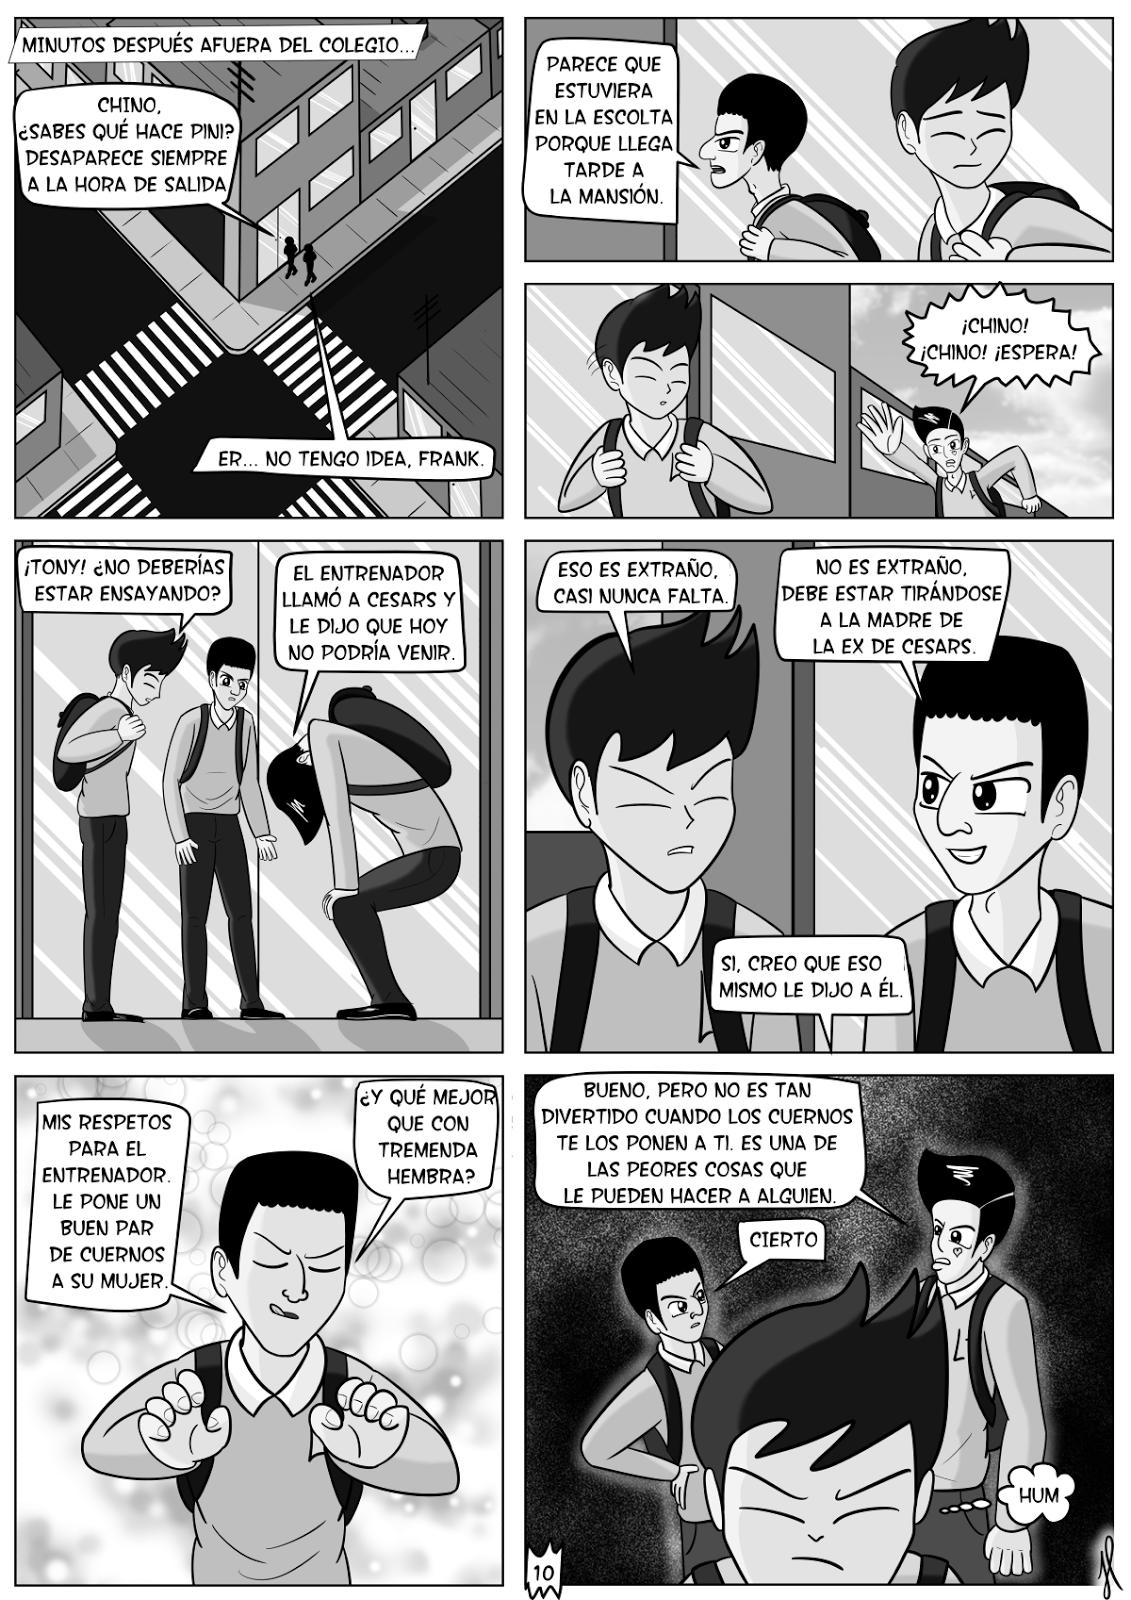 tony-sali-con-tu-mujer-pagina-10